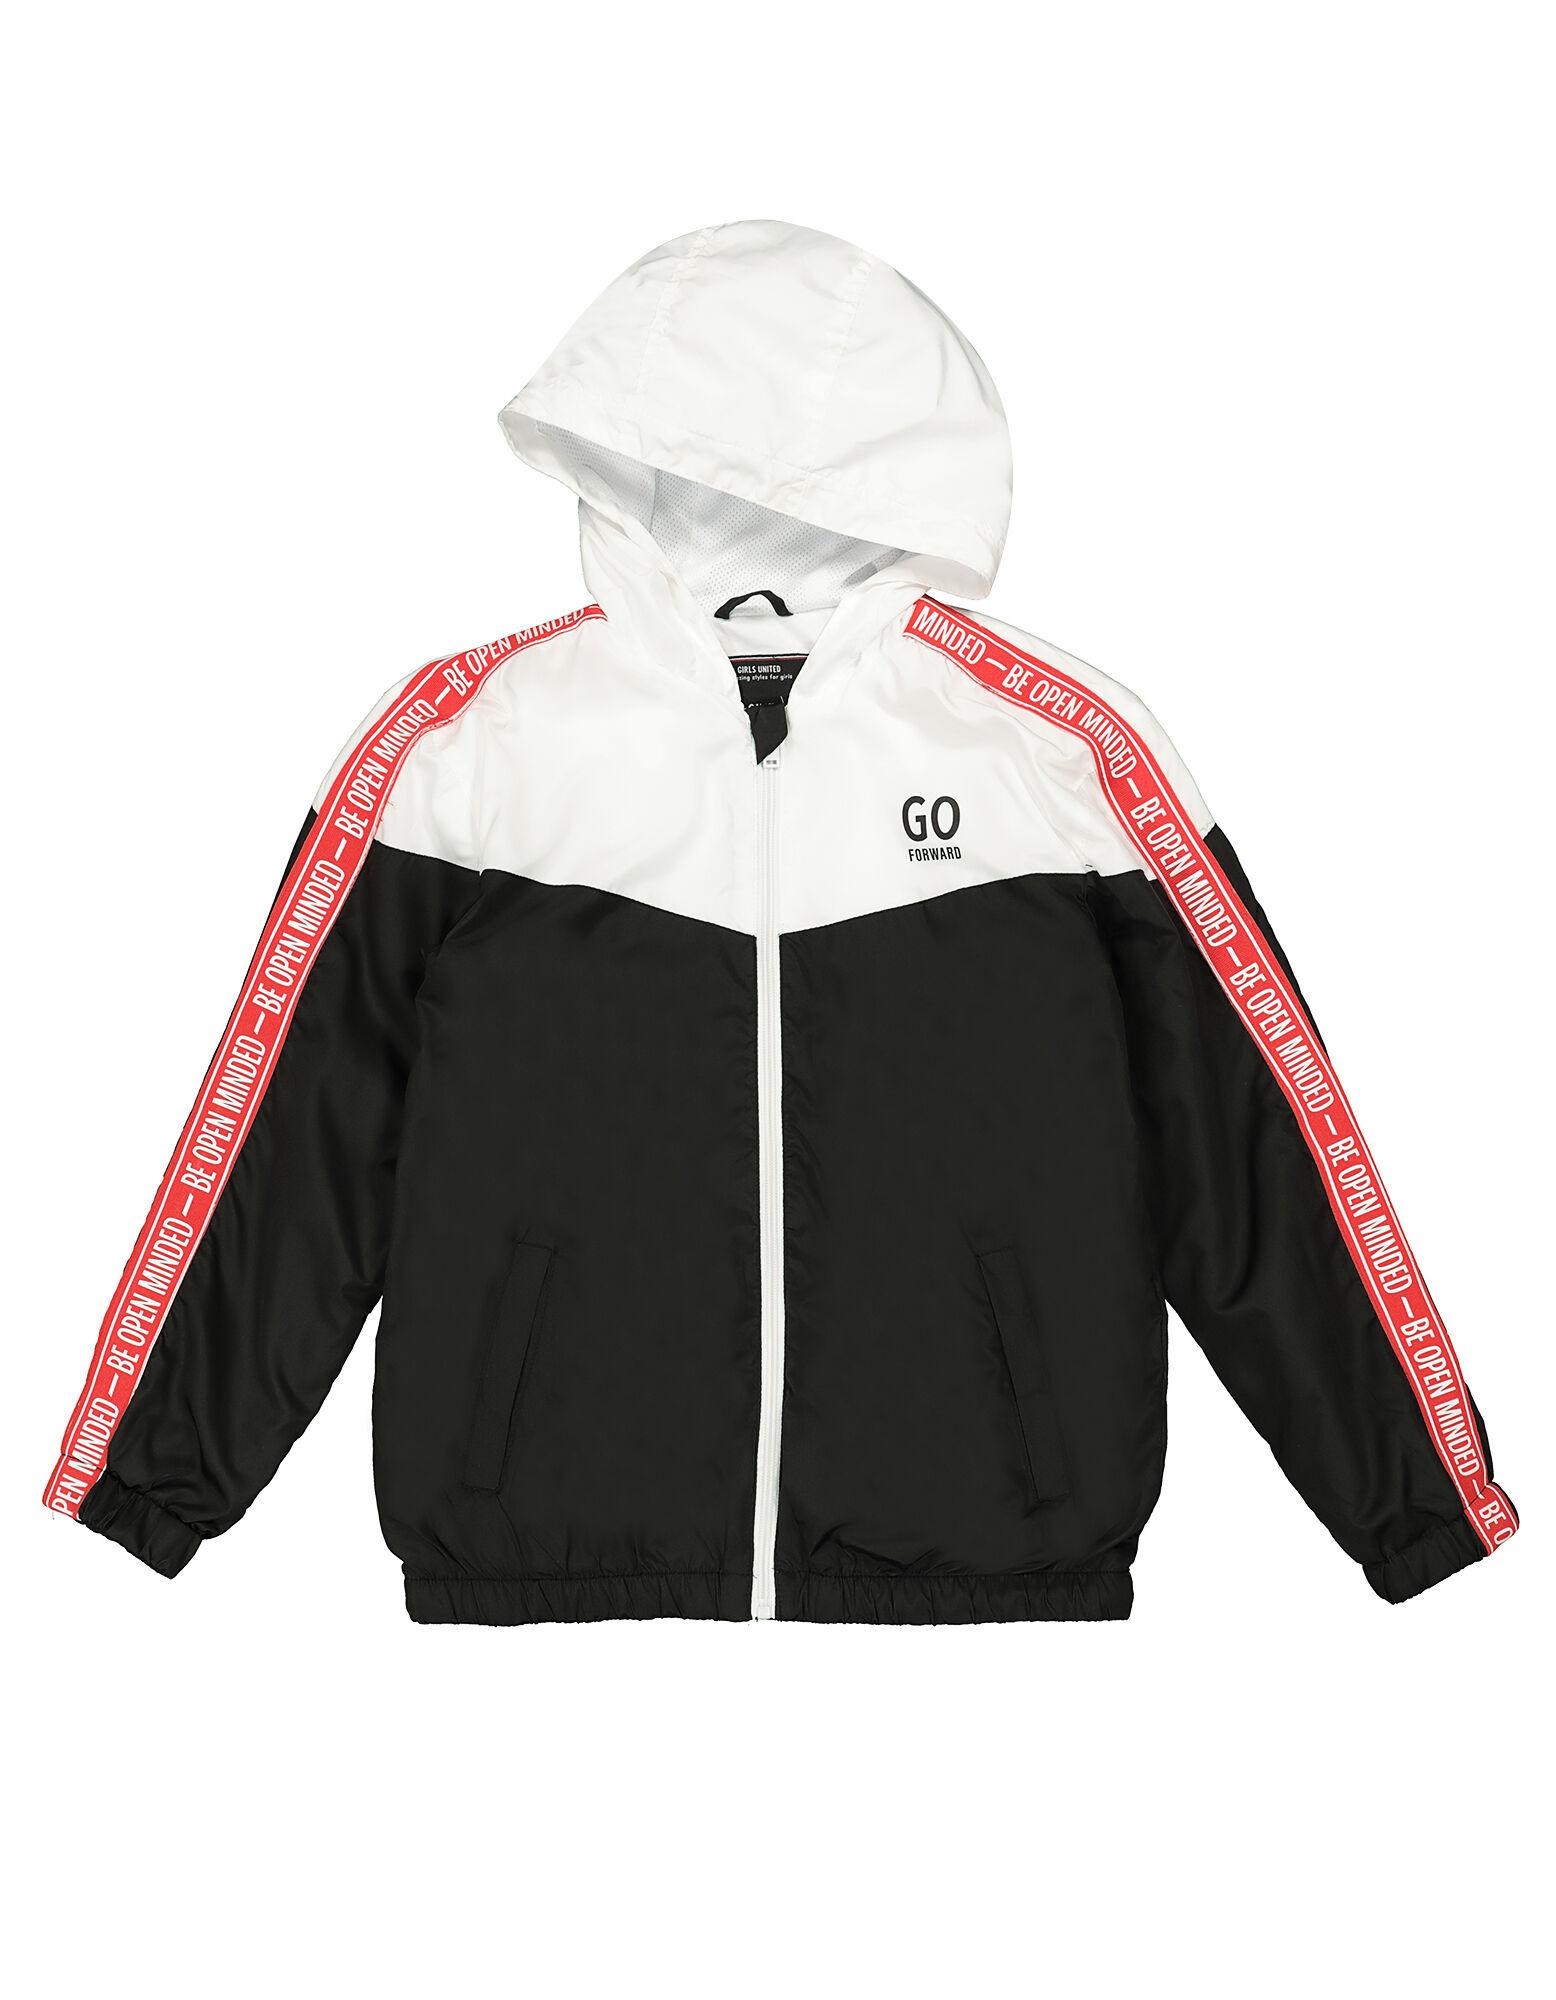 Jacken für Mädchen günstig kaufen✓ Takko Fashion